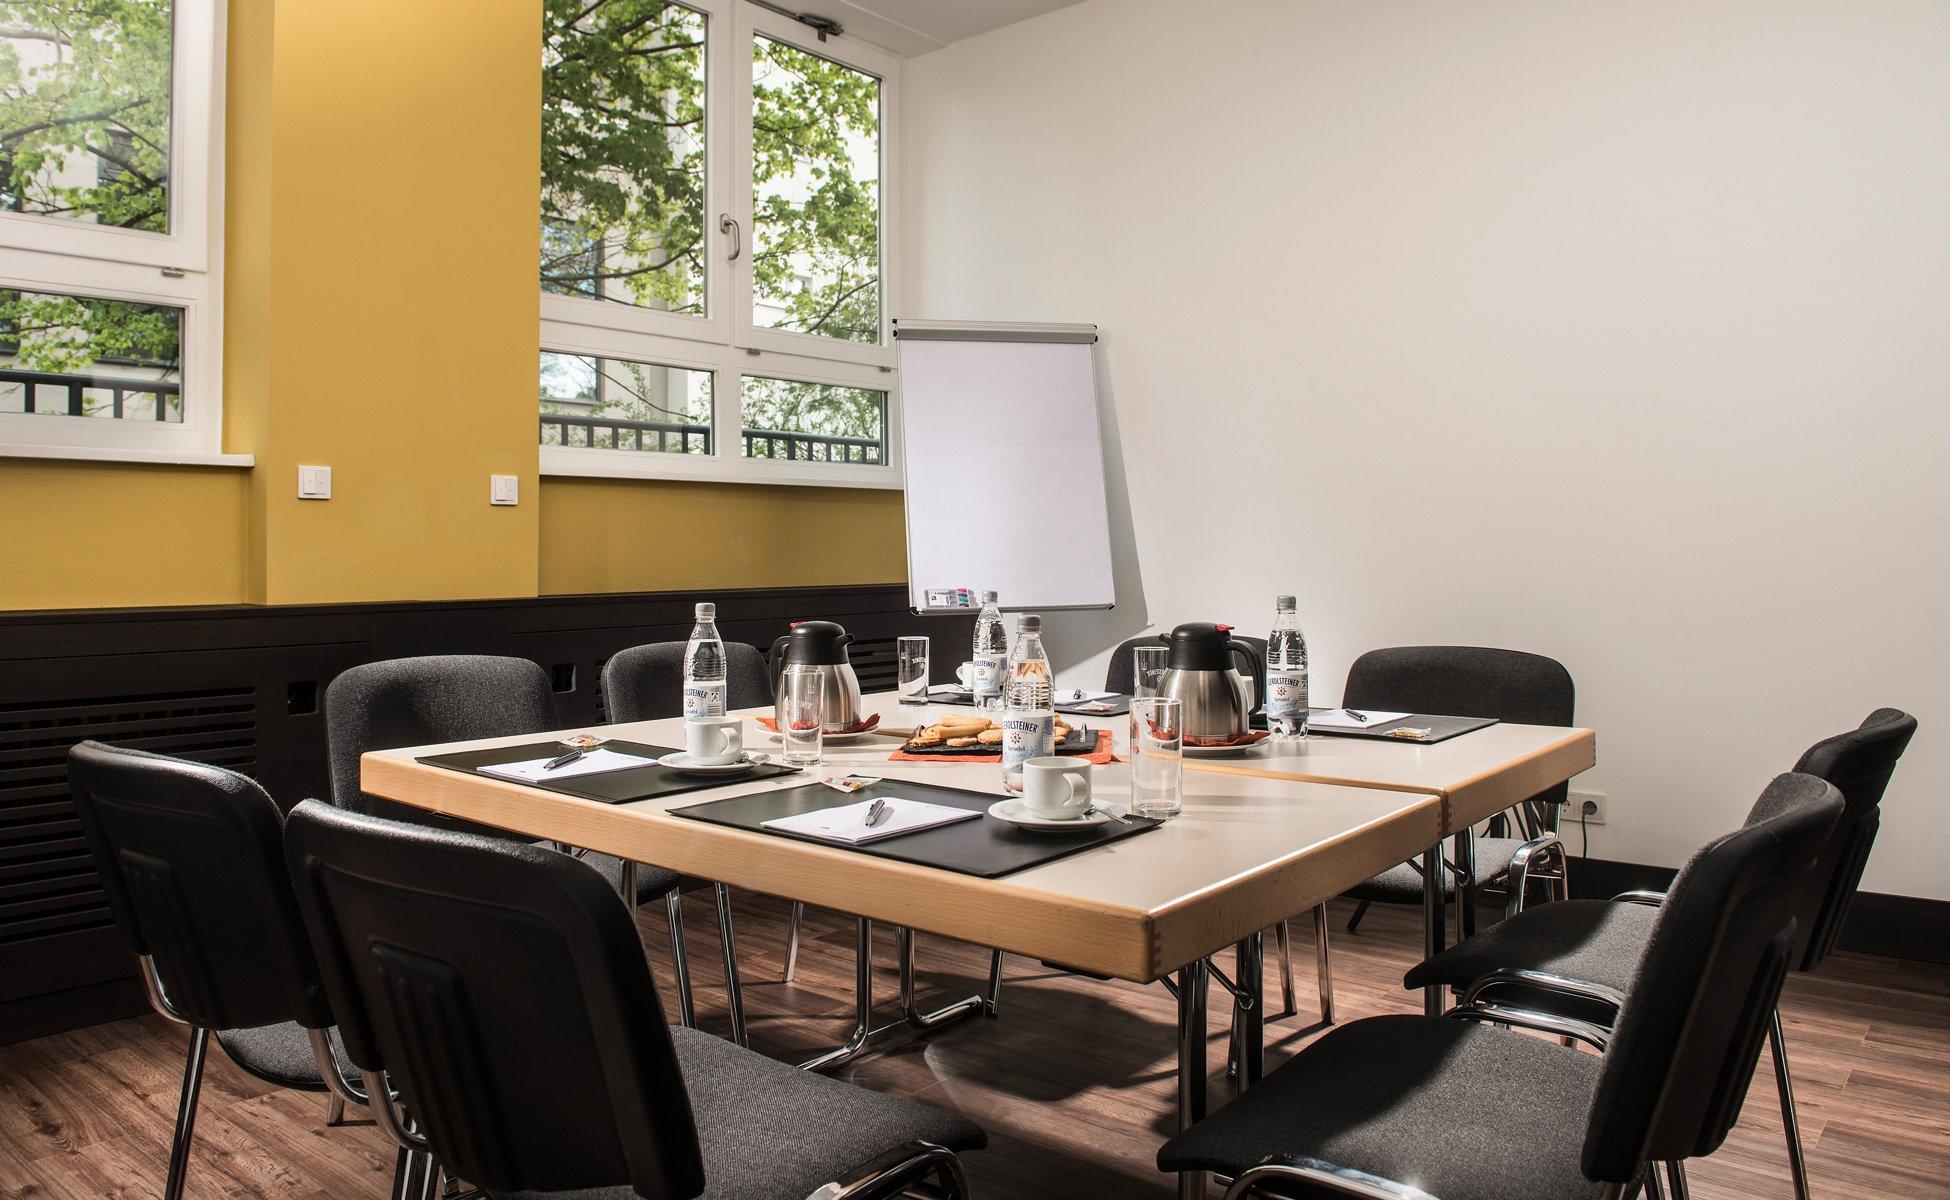 Tagungen im Hotel Grenzfall – kleiner Konferenzraum